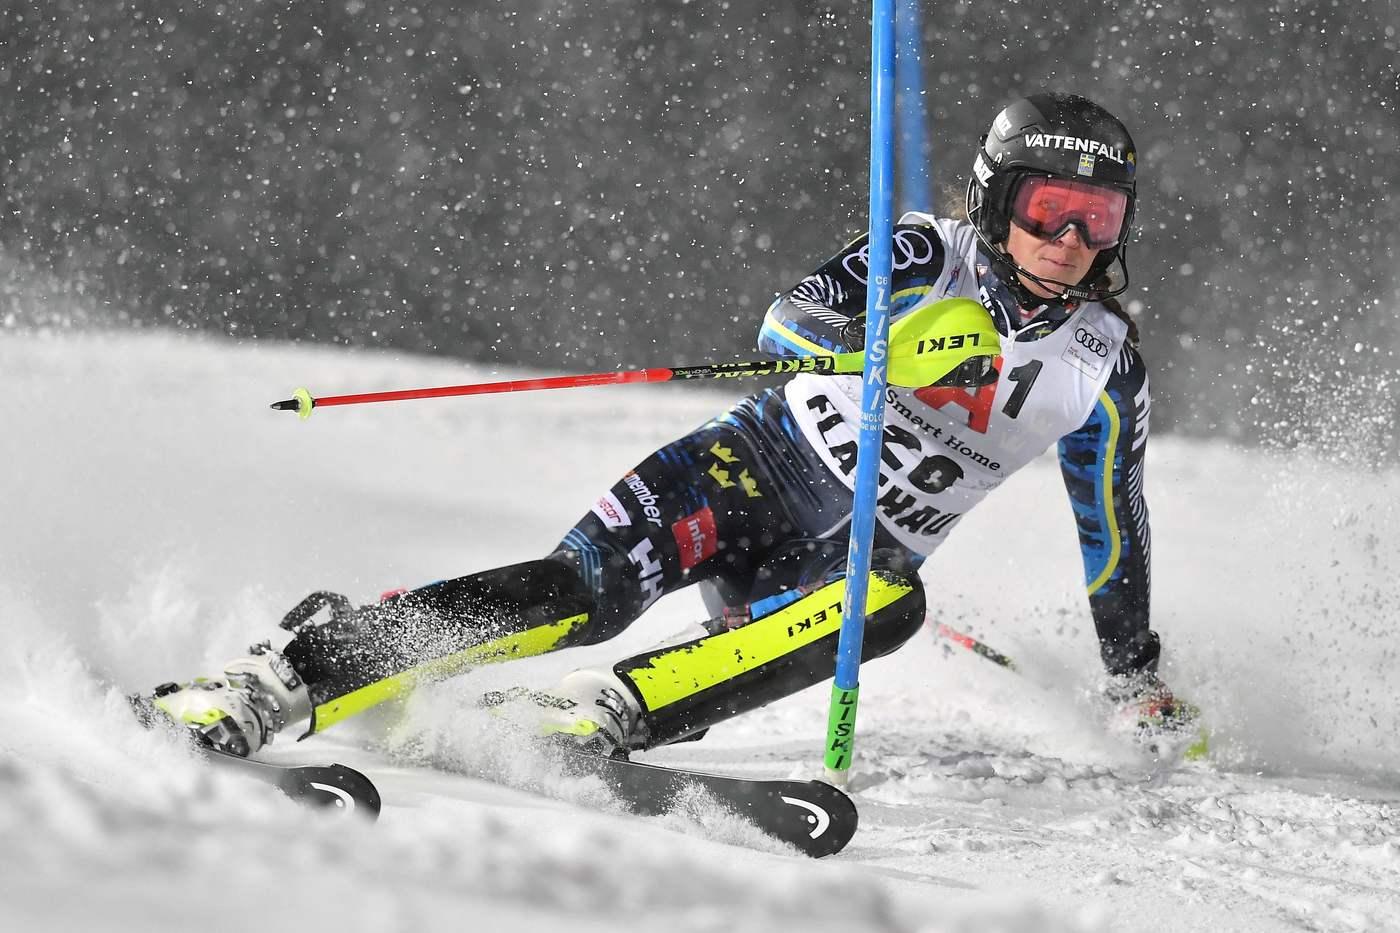 FIS Alpine Skiing World Cup - Slalom femminile a Flachau